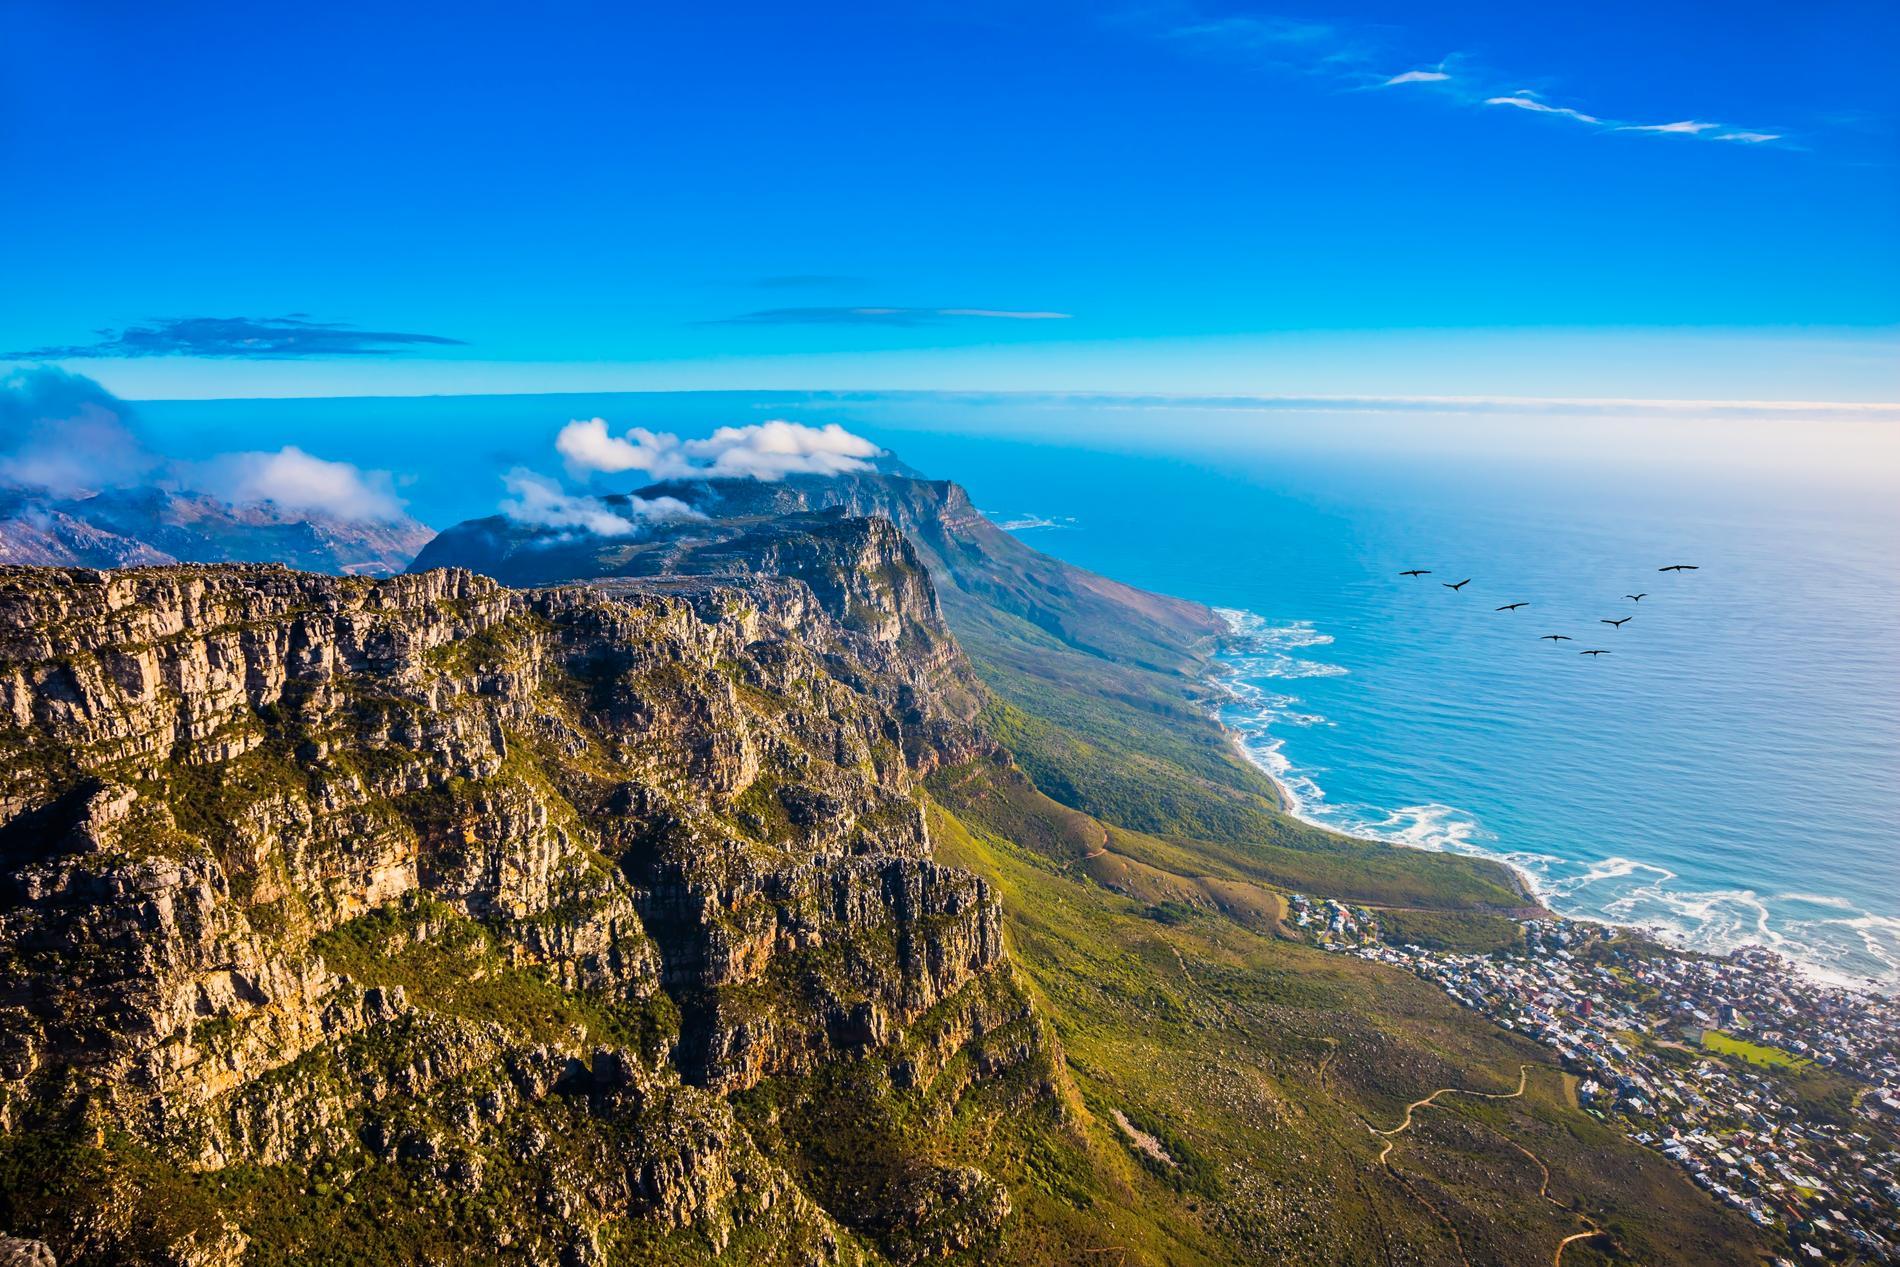 Taffelberget är en populär turistattraktion söder om Kapstaden, och det finns en linbana upp.